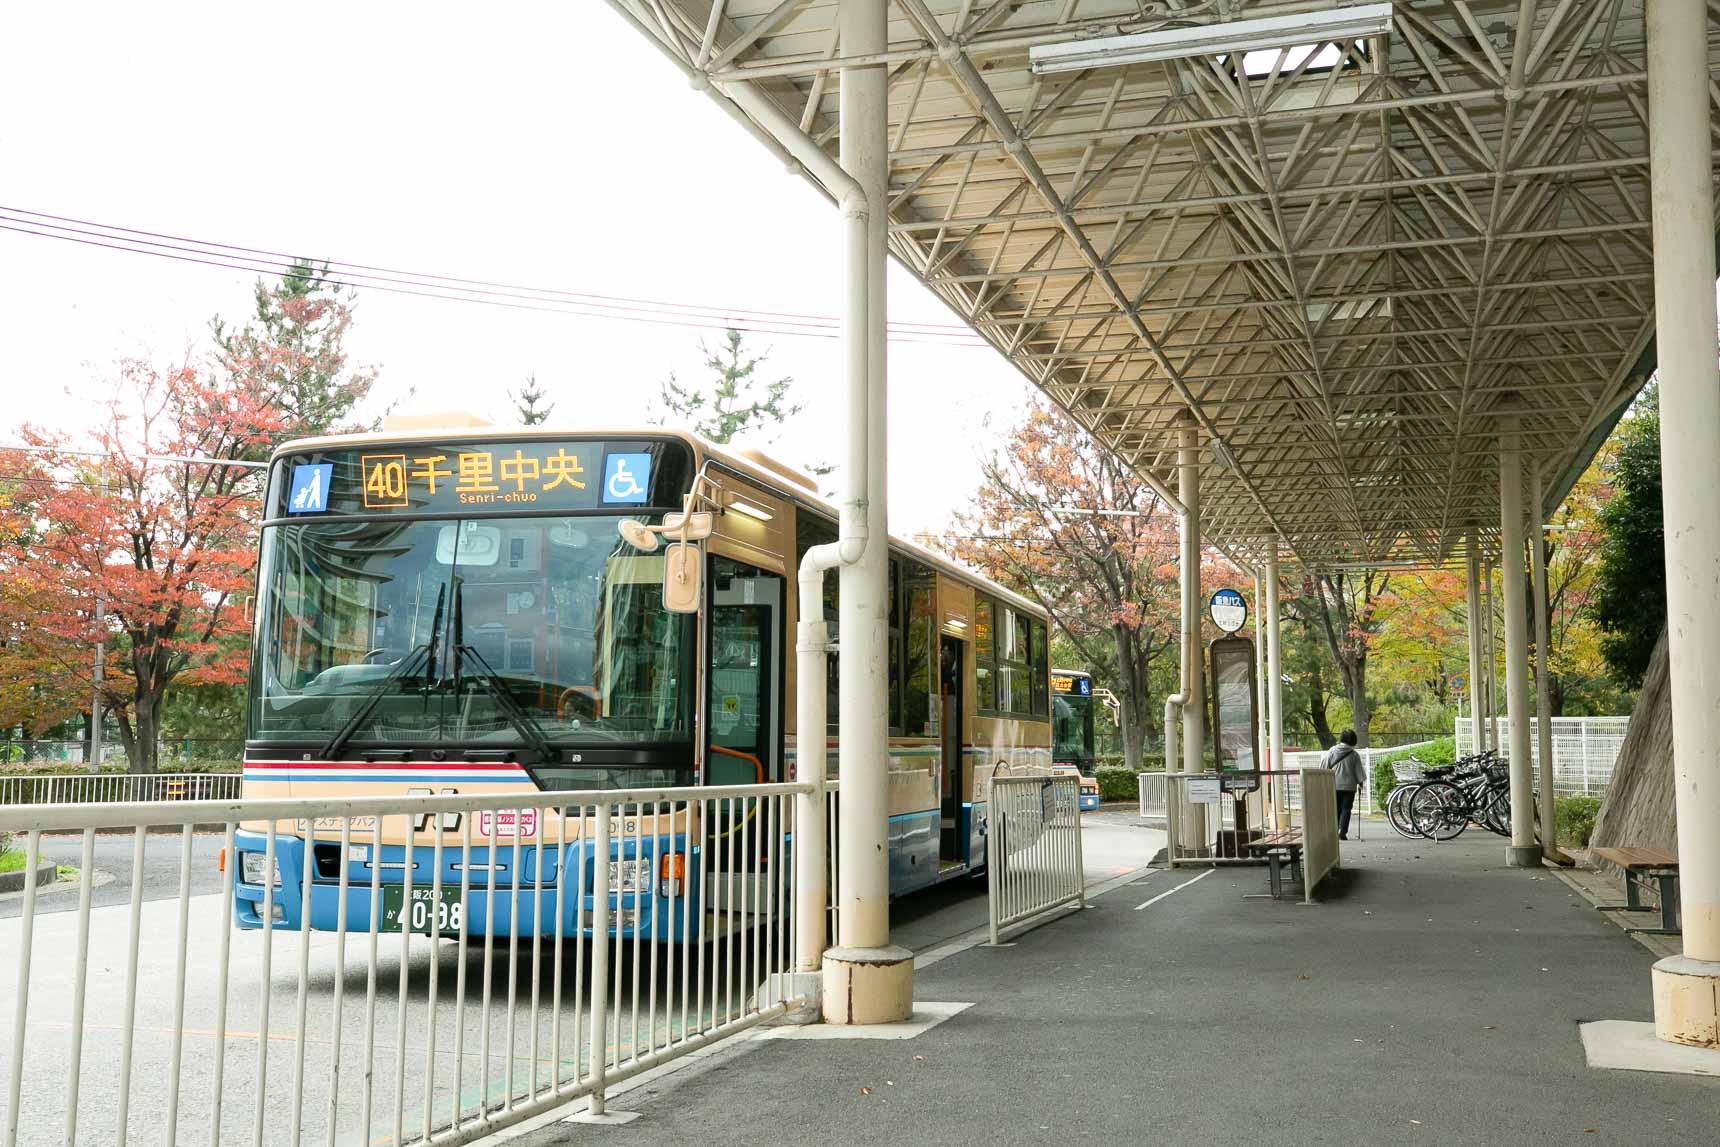 団地の入り口には立派なバスターミナルがあり、千里中央行き、豊中行きのバスがそれぞれ約10分間隔、通勤時間帯には6分間隔で運行。アクセスに不便さを感じることはありません。